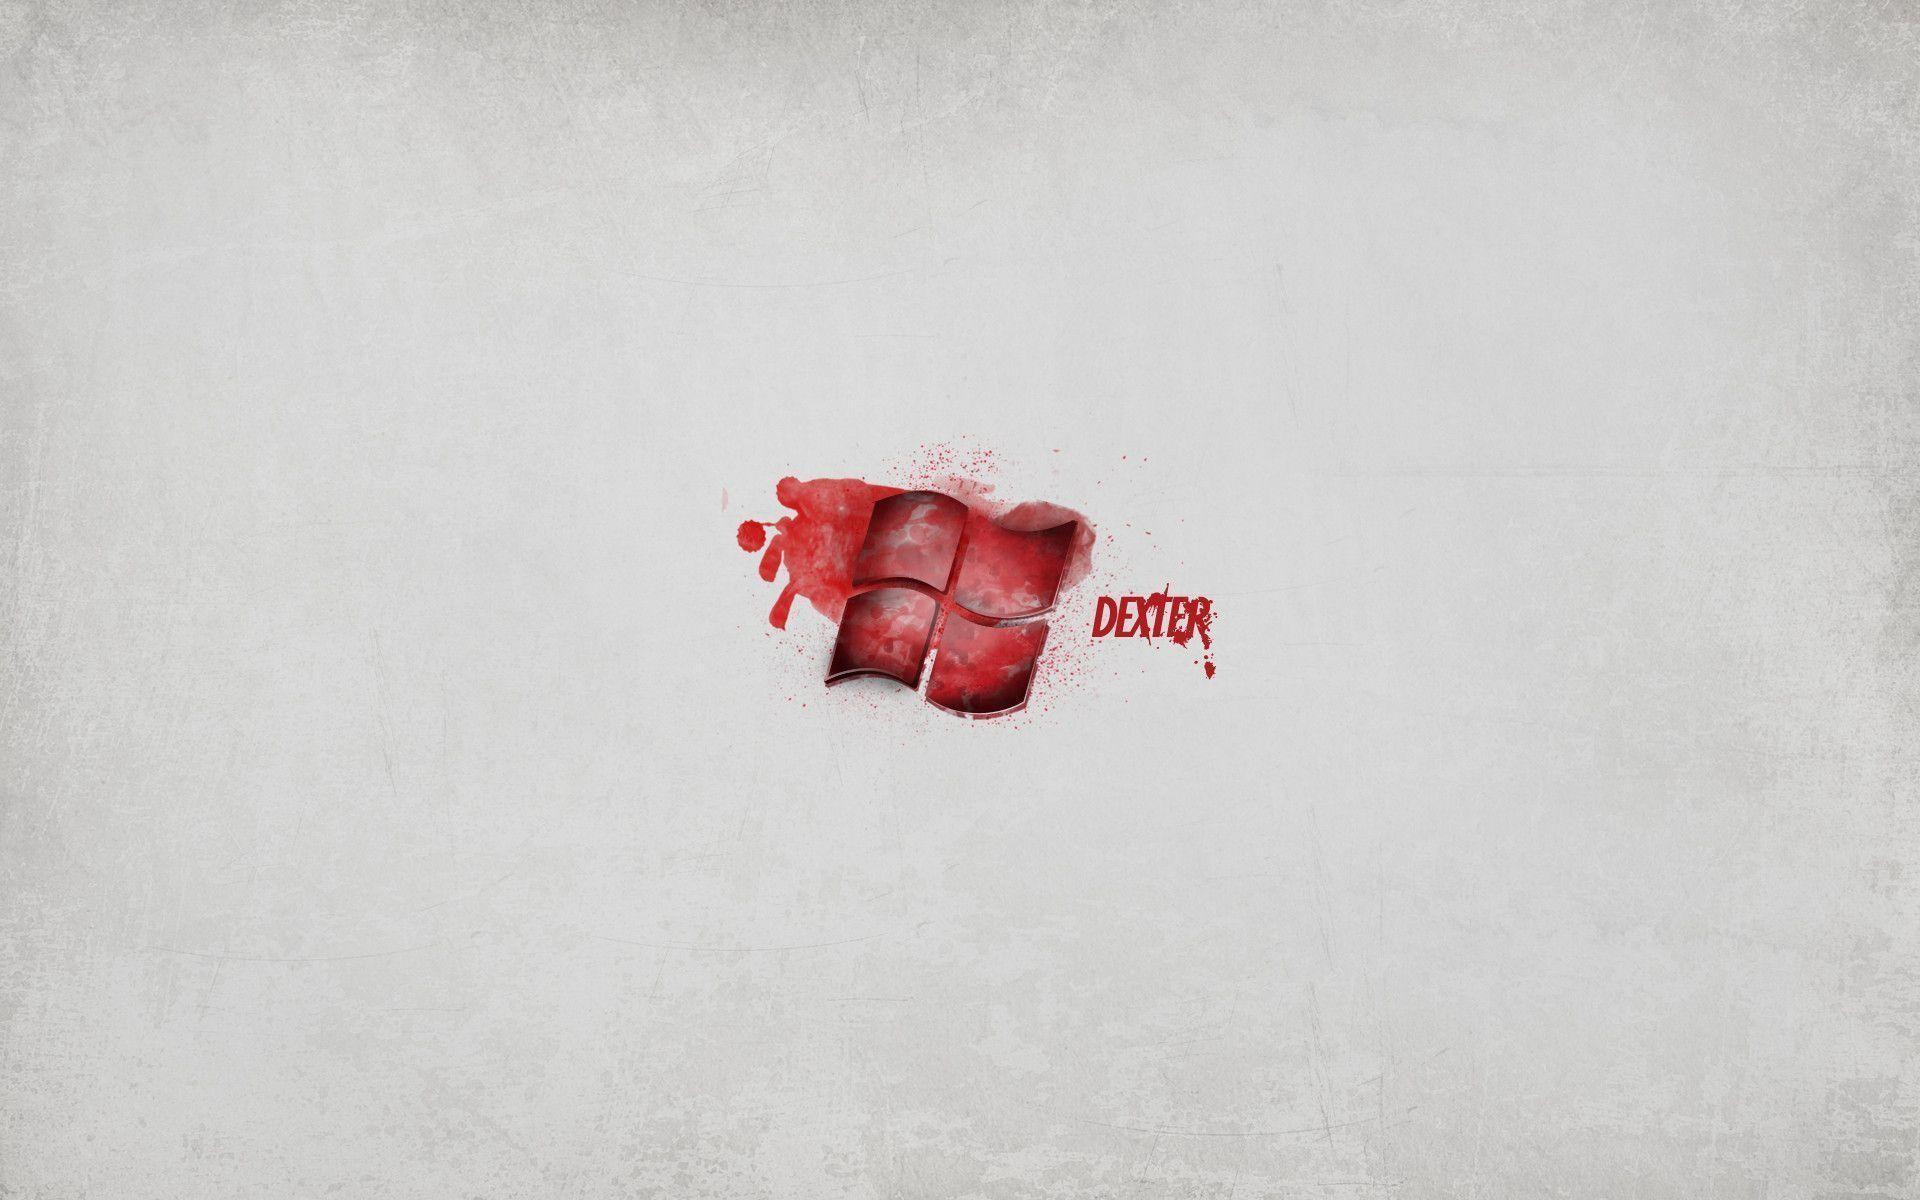 Dexter Windows Wallpaper – Dexter Wallpaper (28729569) – Fanpop